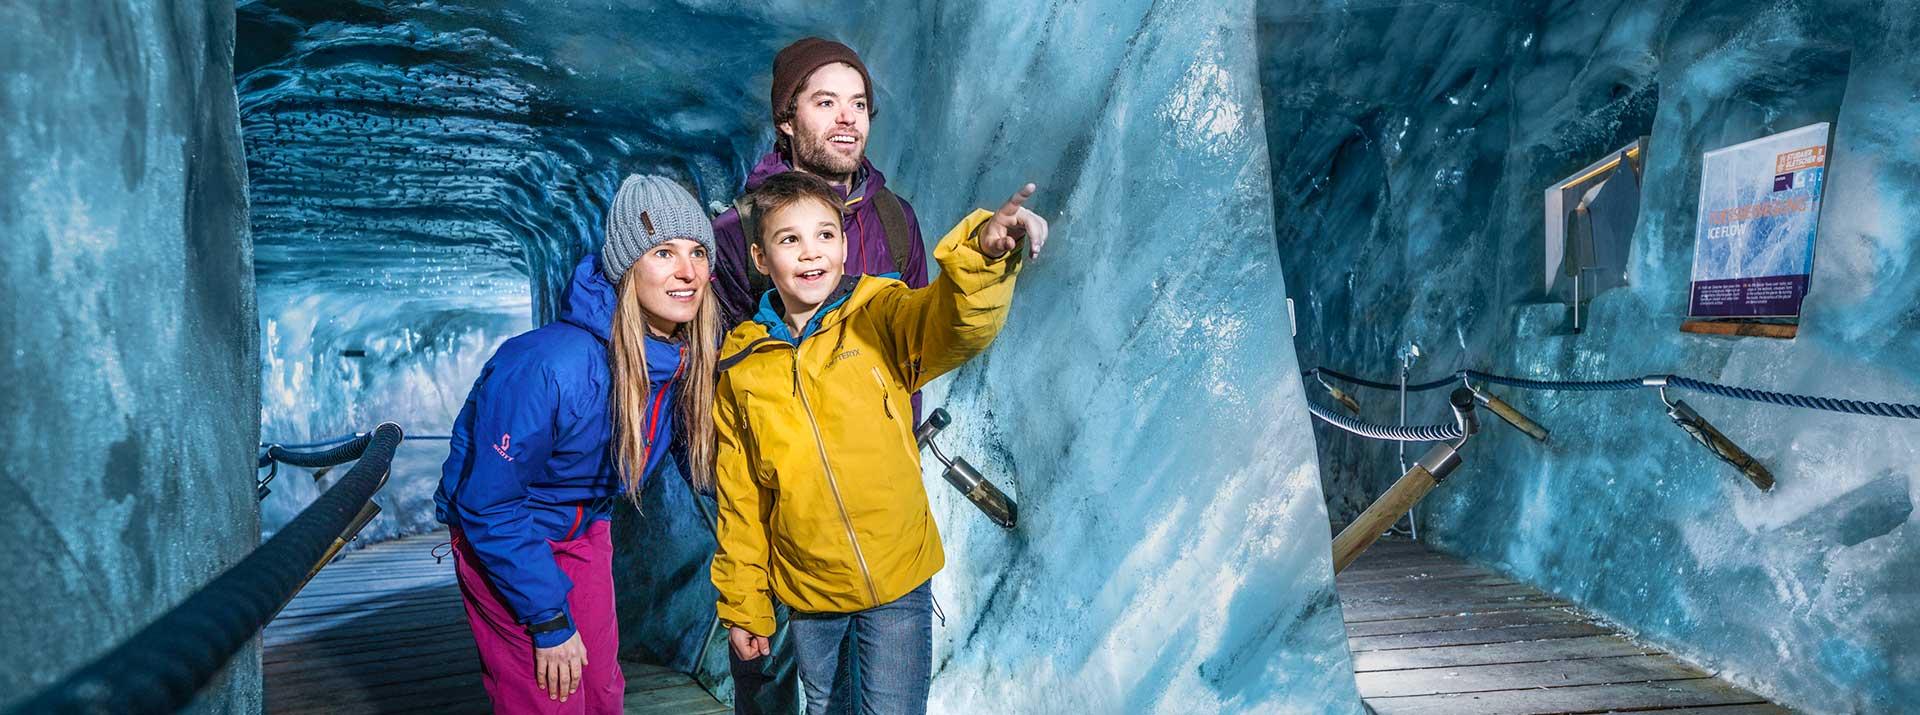 Familienurlaub im Neustift - Besondere Einblicke in der Eishöhle am Stubaier Gletscher